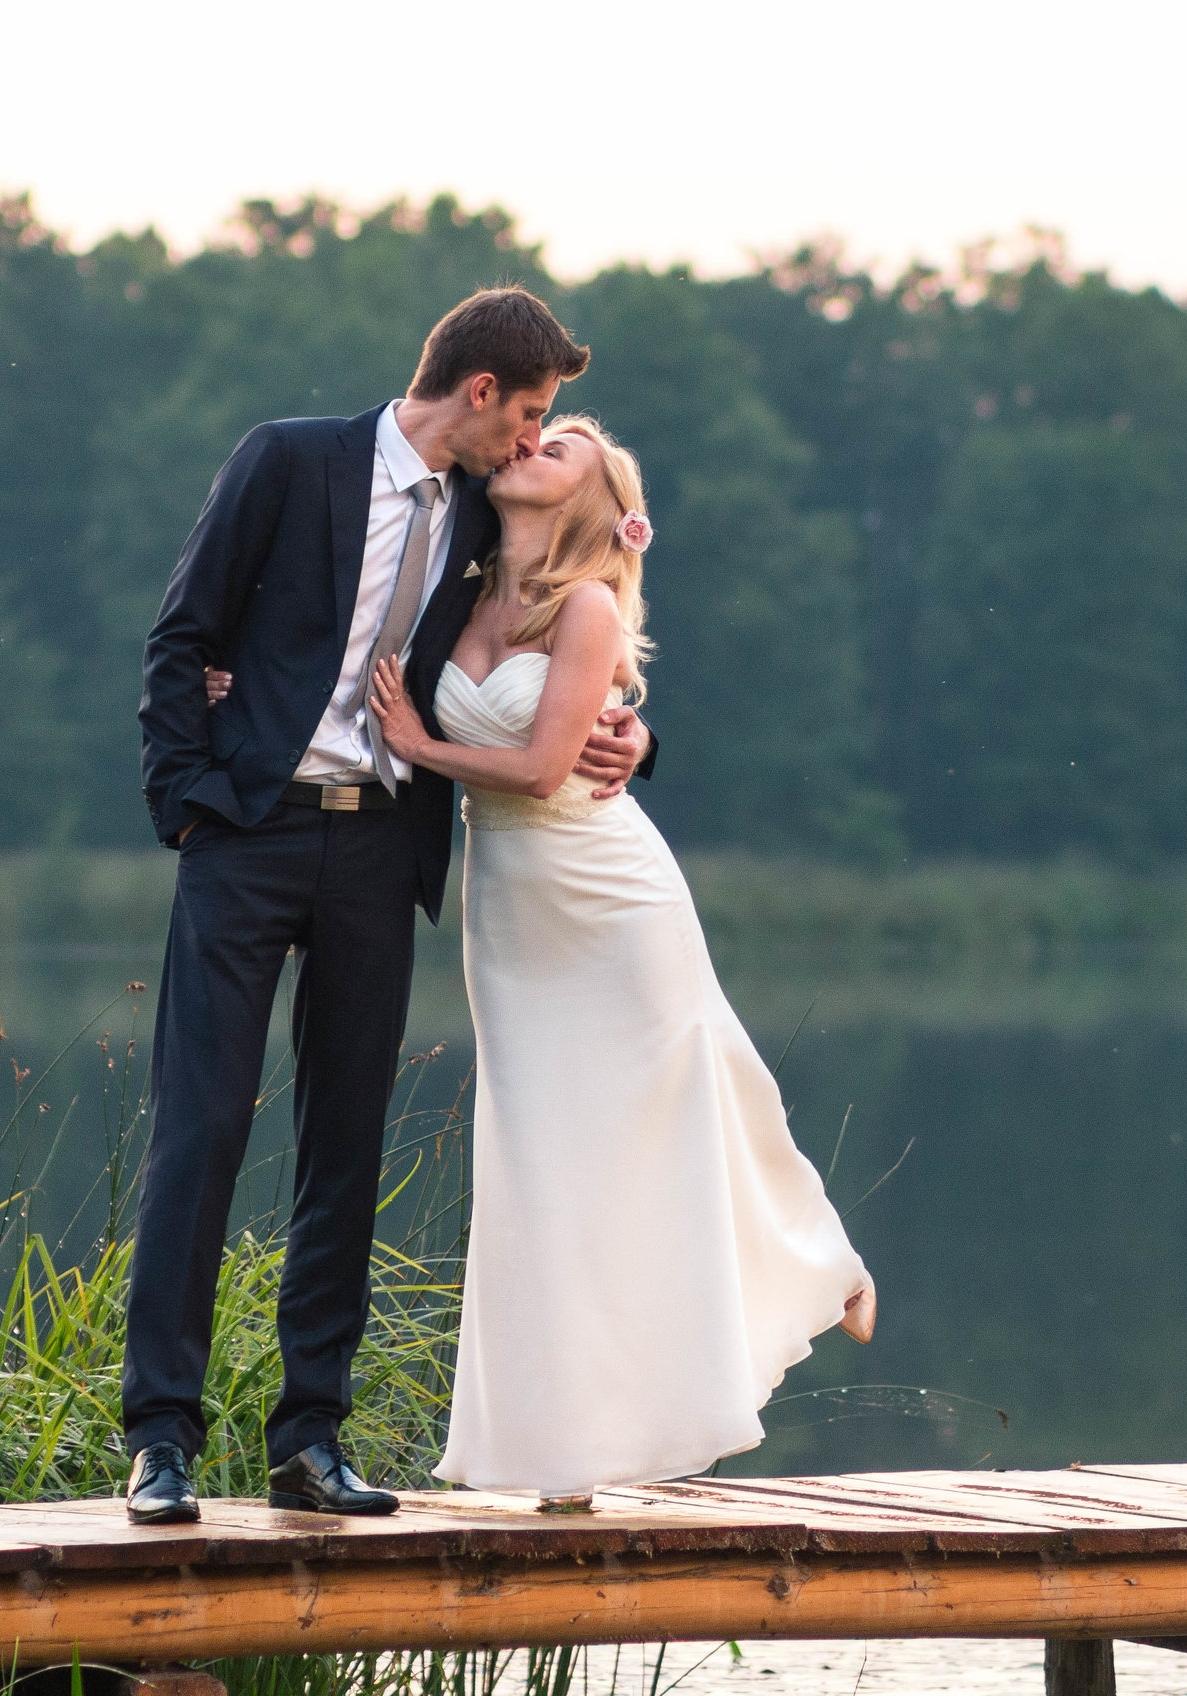 Wedding & Ceremony Photography